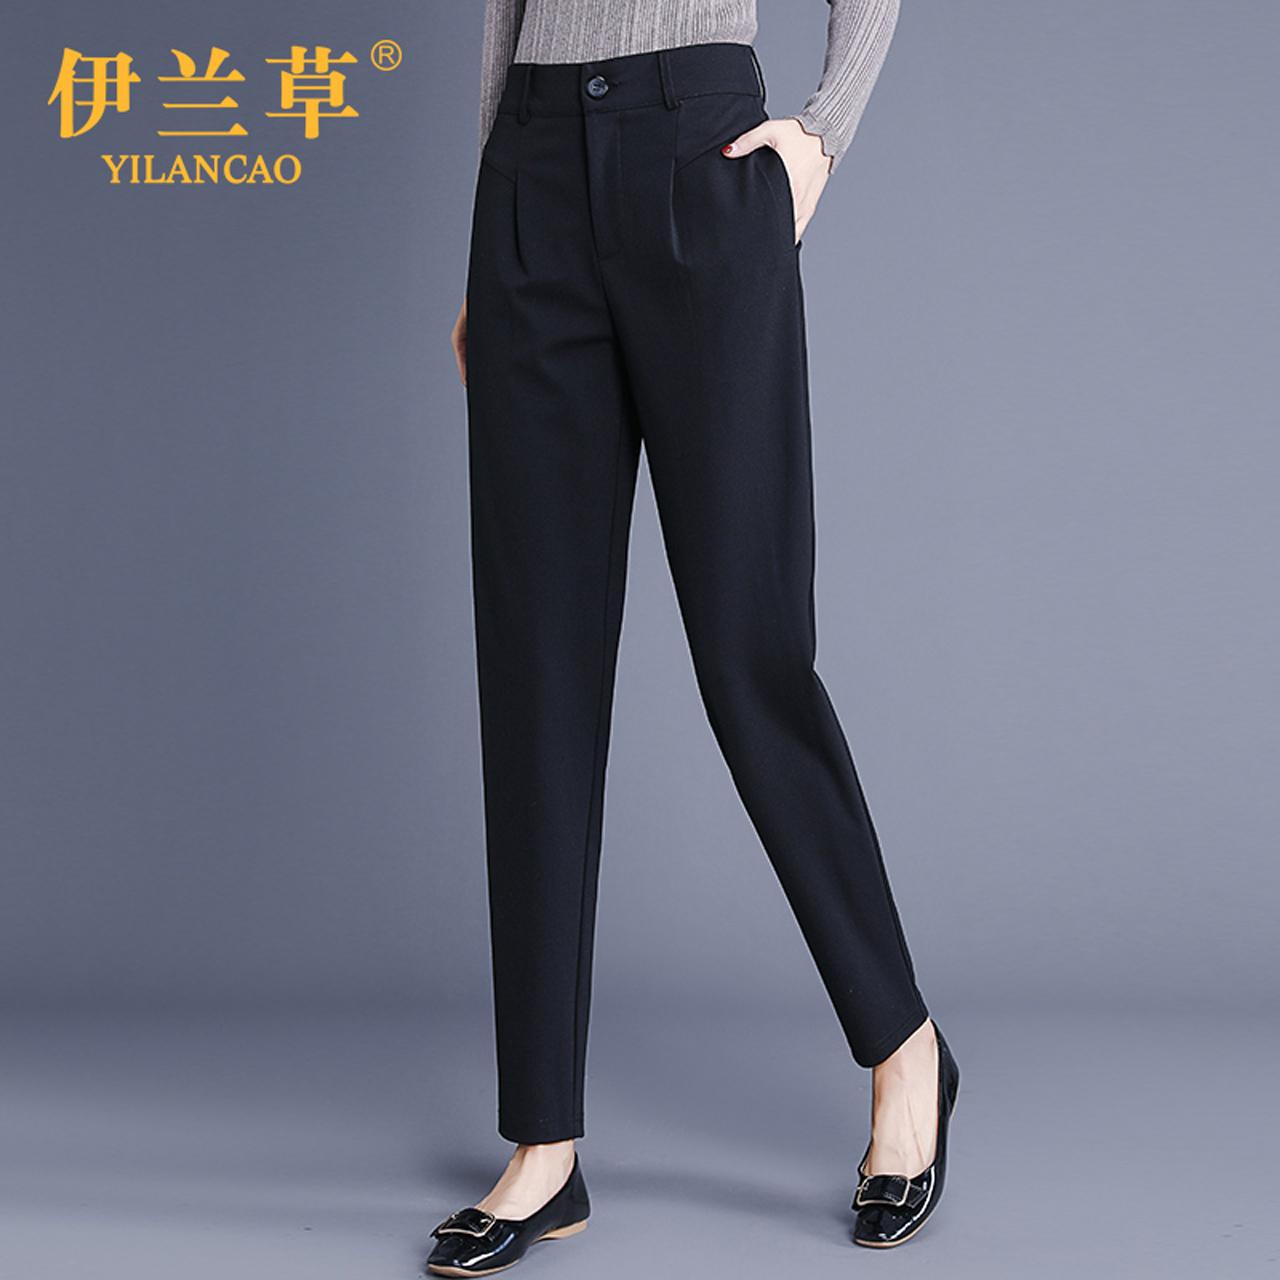 哈伦裤女春秋西裤黑色裤子宽松大码休闲高腰九分职业小脚萝卜长裤